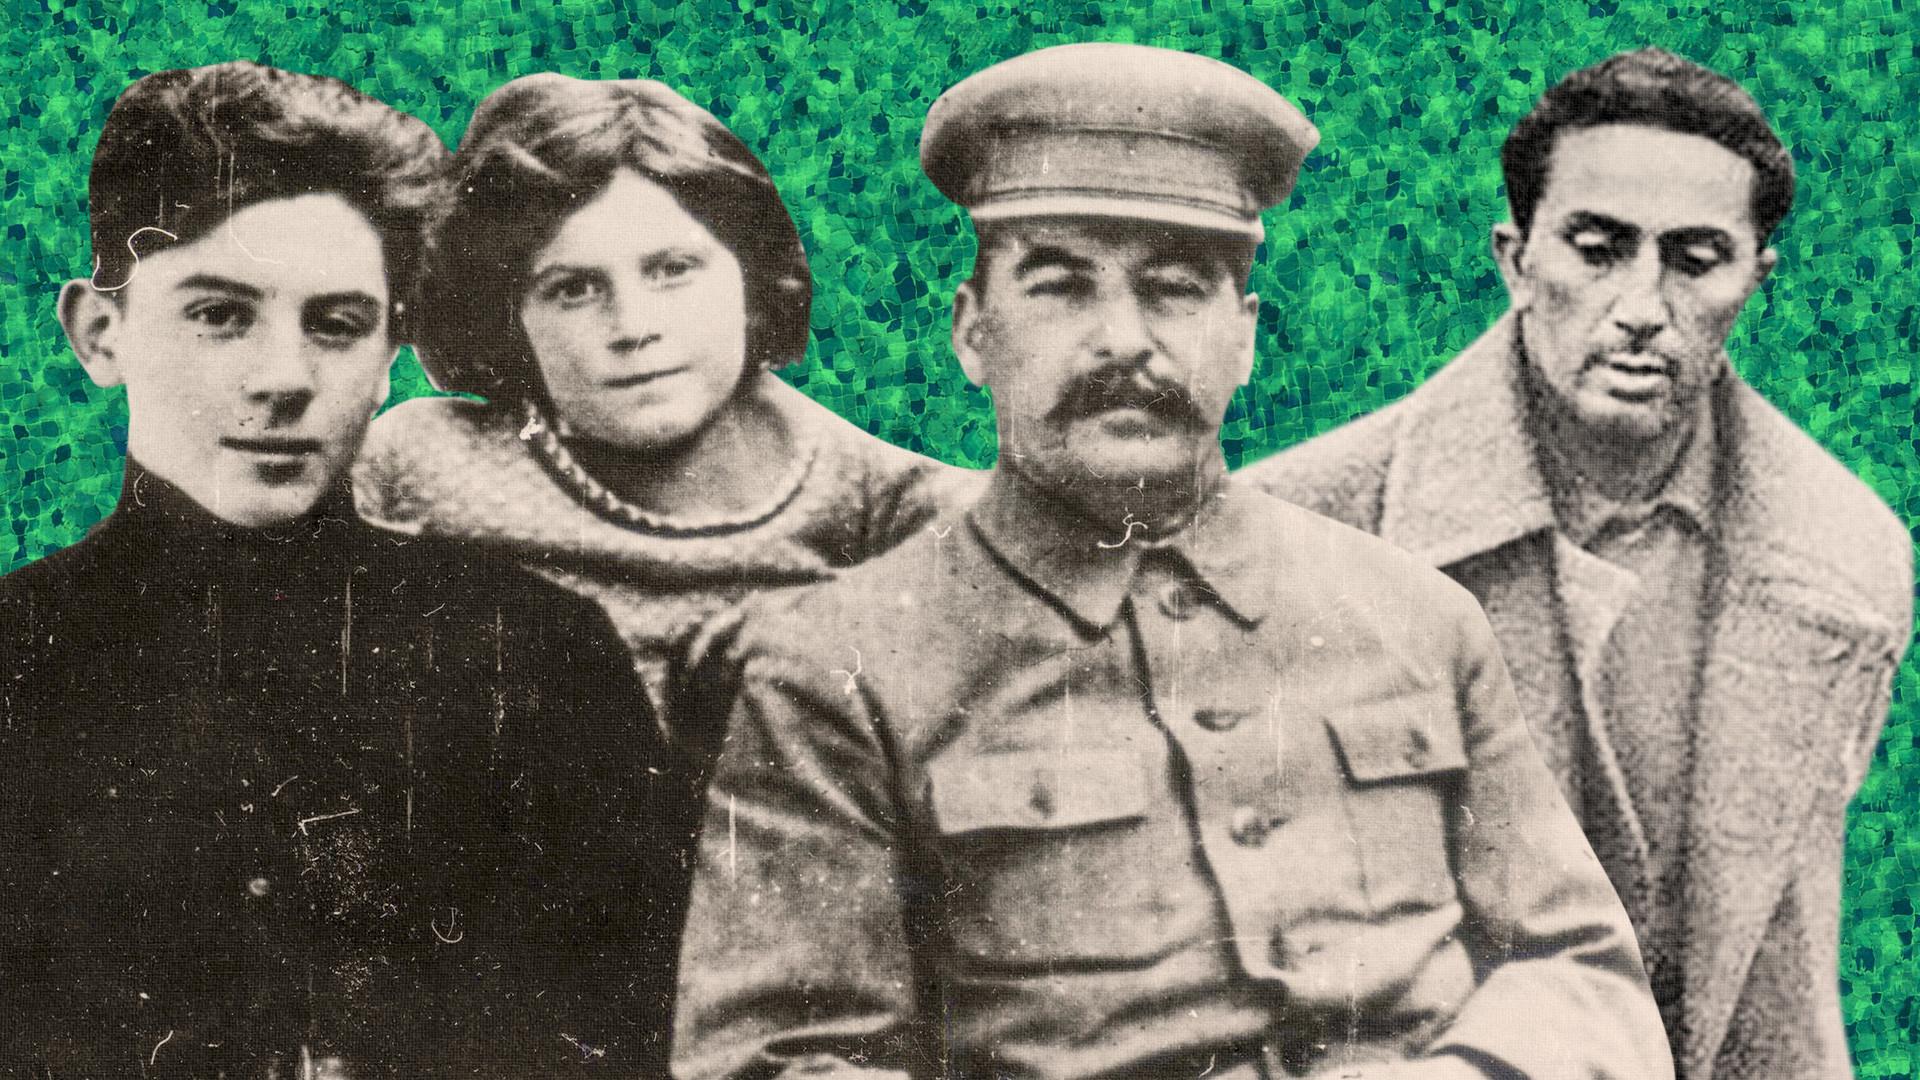 Iósif Stalin y sus hijos, fotografiados de izquierda a derecha: Vasili, Svetlana, Yakov